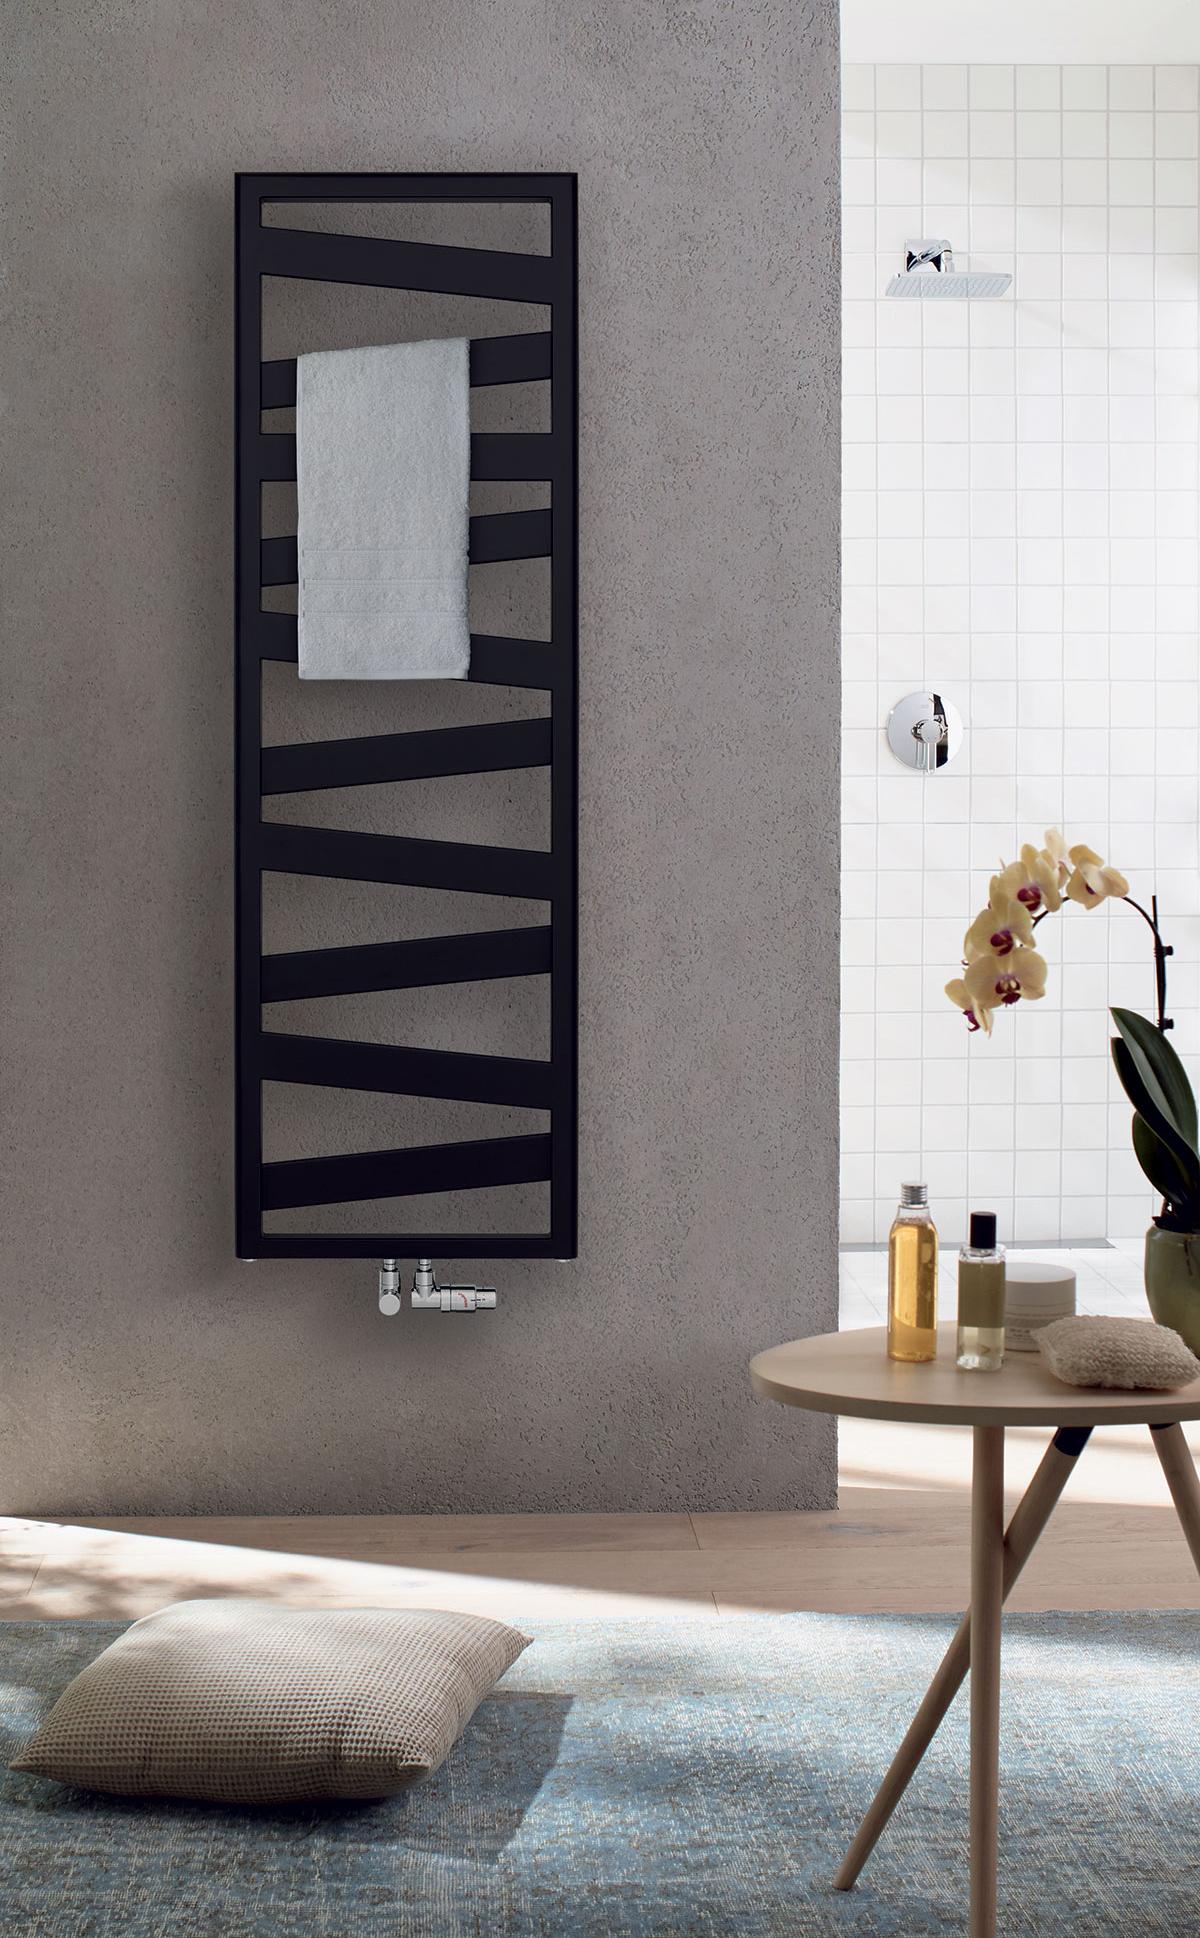 Na návrhu dizajnových radiátorov Zehnder sa podieľal rad známych dizajnérov, ako napríklad známe duo King & Miranda, tvorcovia bestselleru Zehnder Kazeane.